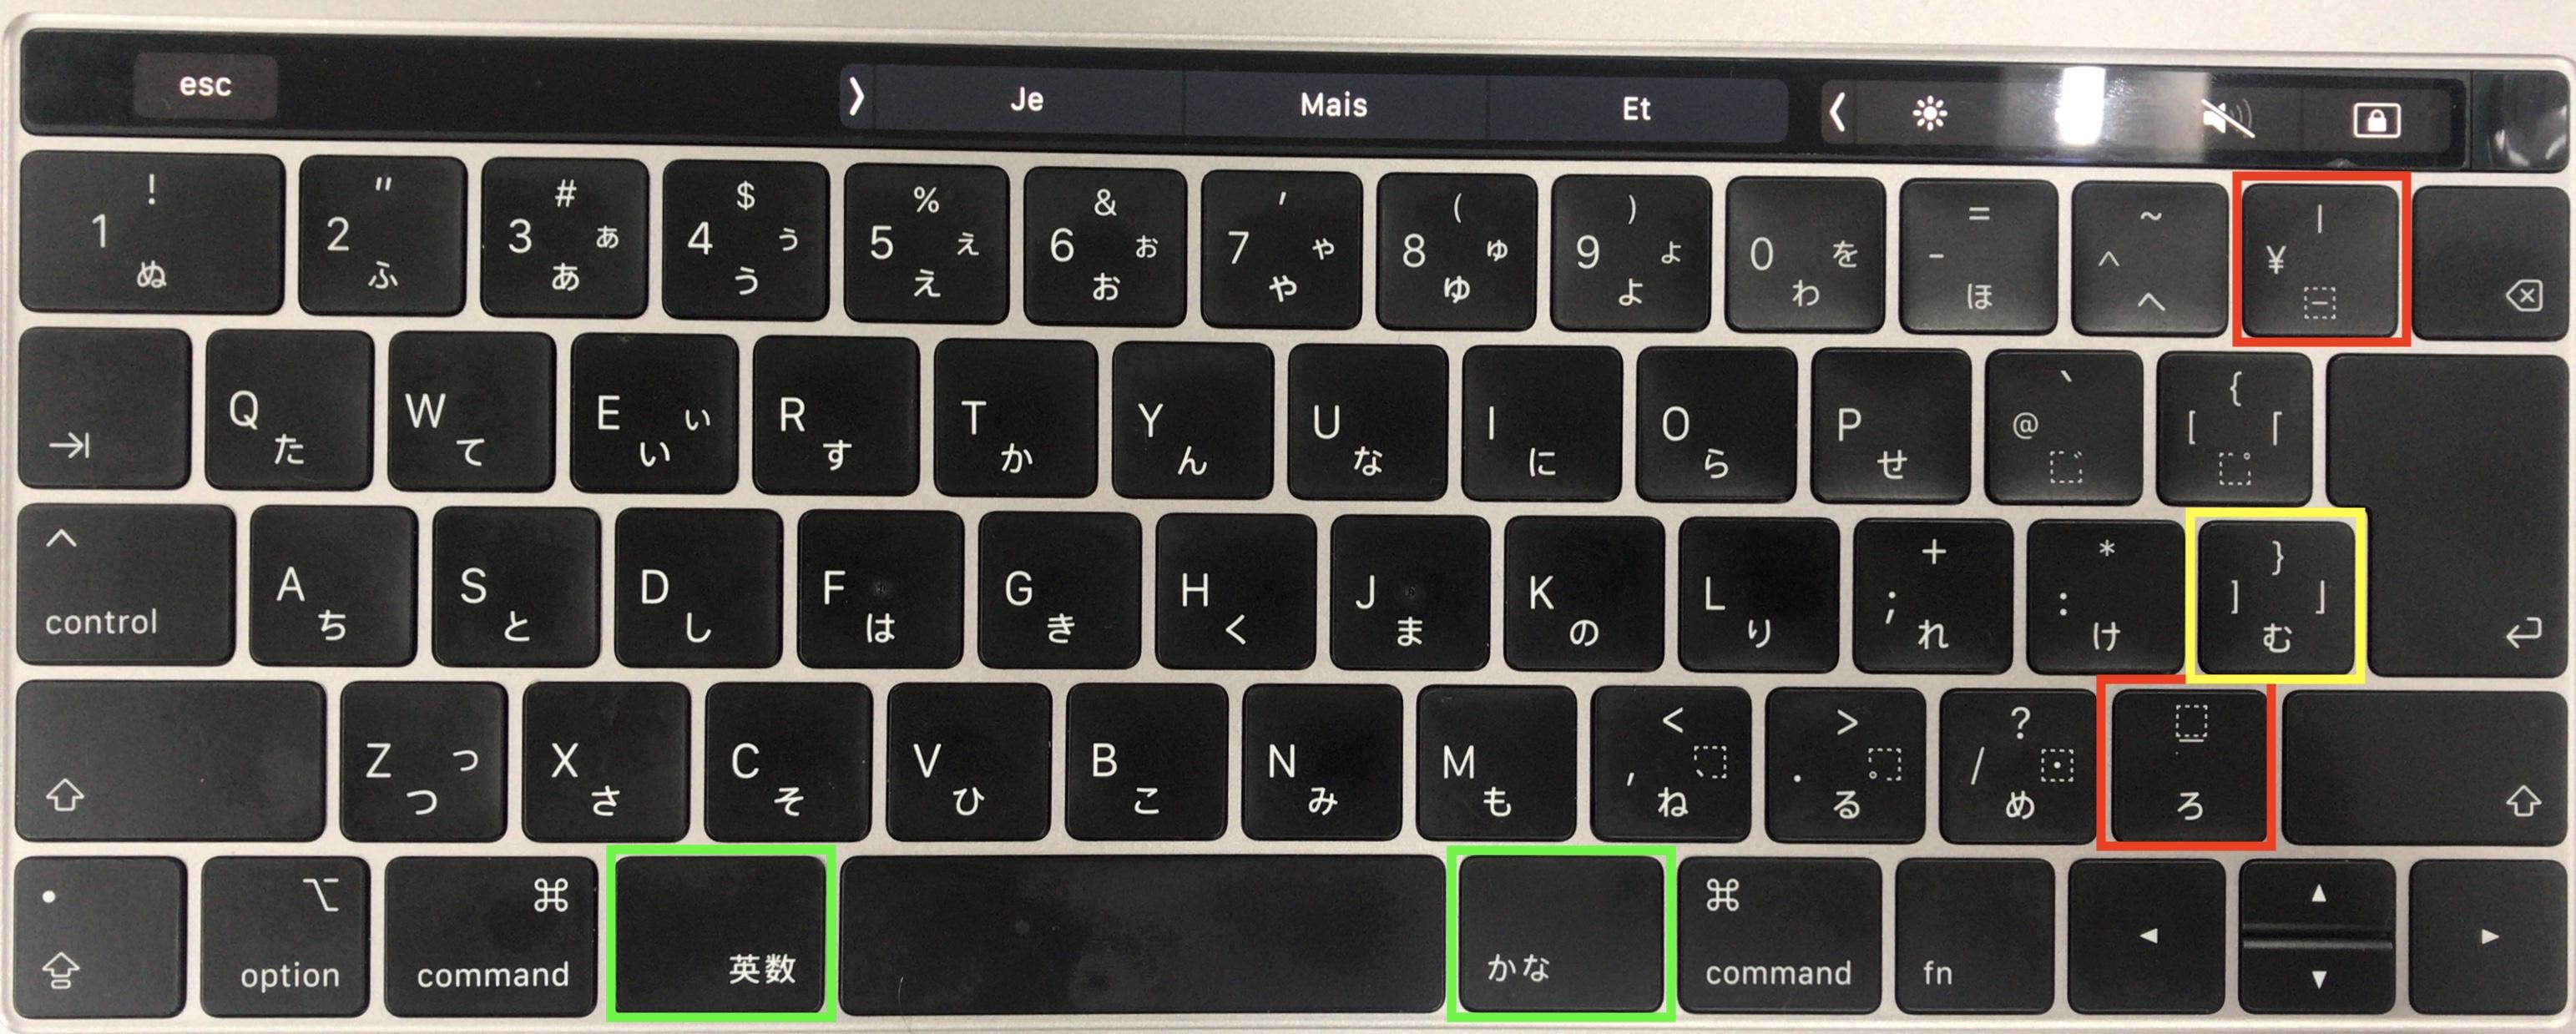 Image n°1: Layout physique sur mon clavier Japonais JIS